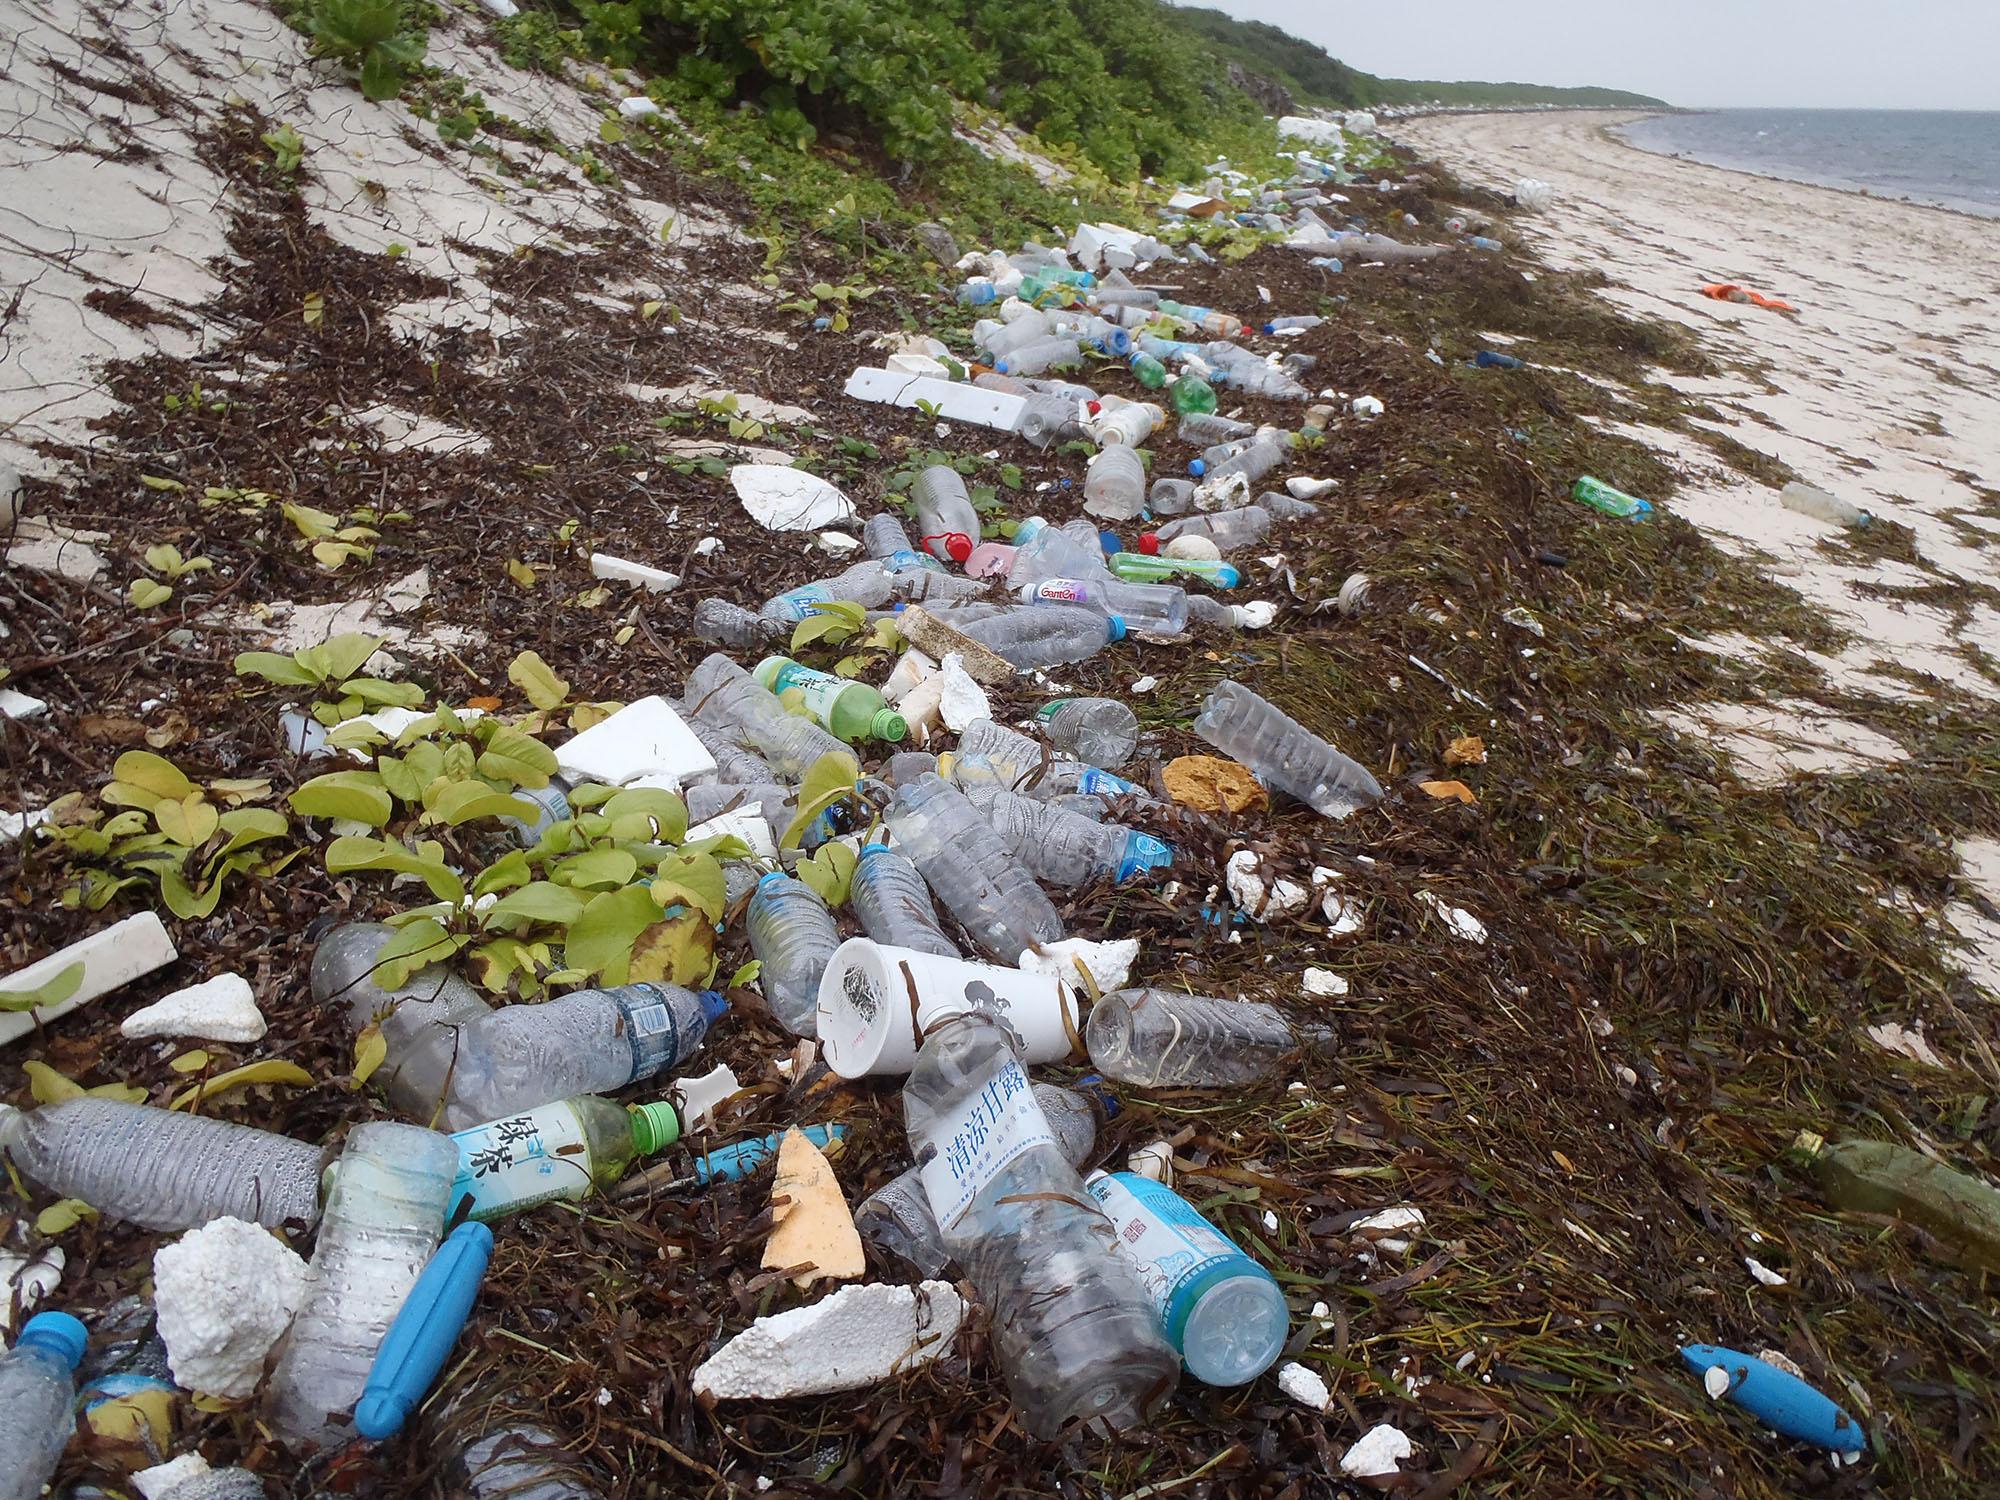 鄭明修發現東沙島海漂垃圾多得嚇人,圖片為東沙島岸上的海漂垃圾。圖│鄭明修